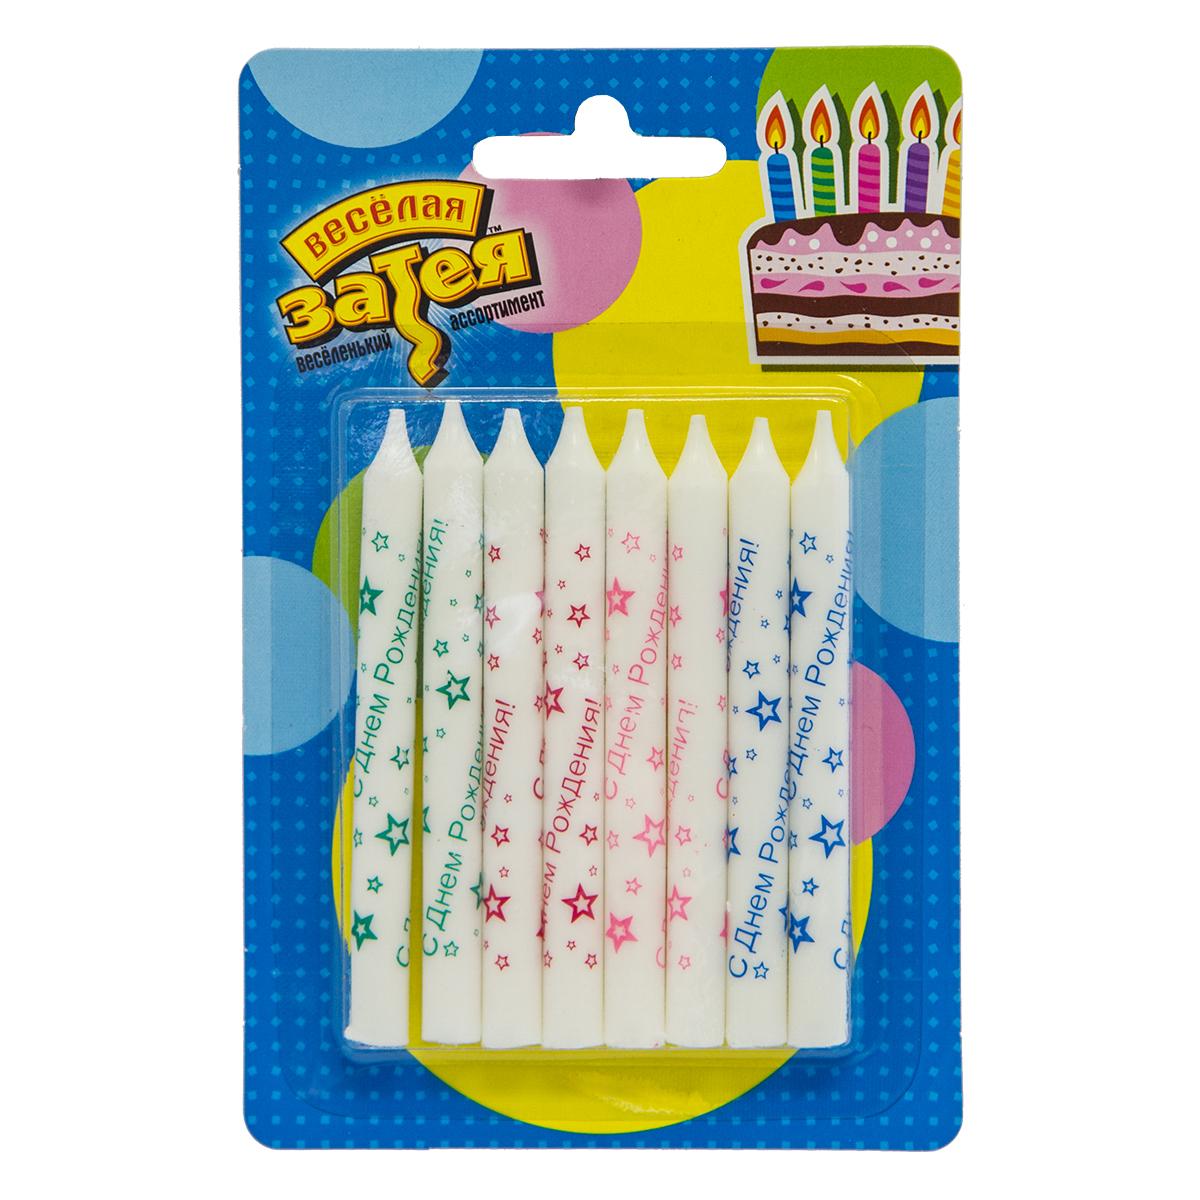 Веселая затея Свечи для торта Звезды 8 см 8 шт1502-1130Украшение стола, торта. Свечки с рисунком С Днем Рождения Звезды.Отличное решение для декорирования стола ко Дню Рождения. Стеарин,оригинальный дизайн. Высота свечей 8см. 8 штук вупаковке.